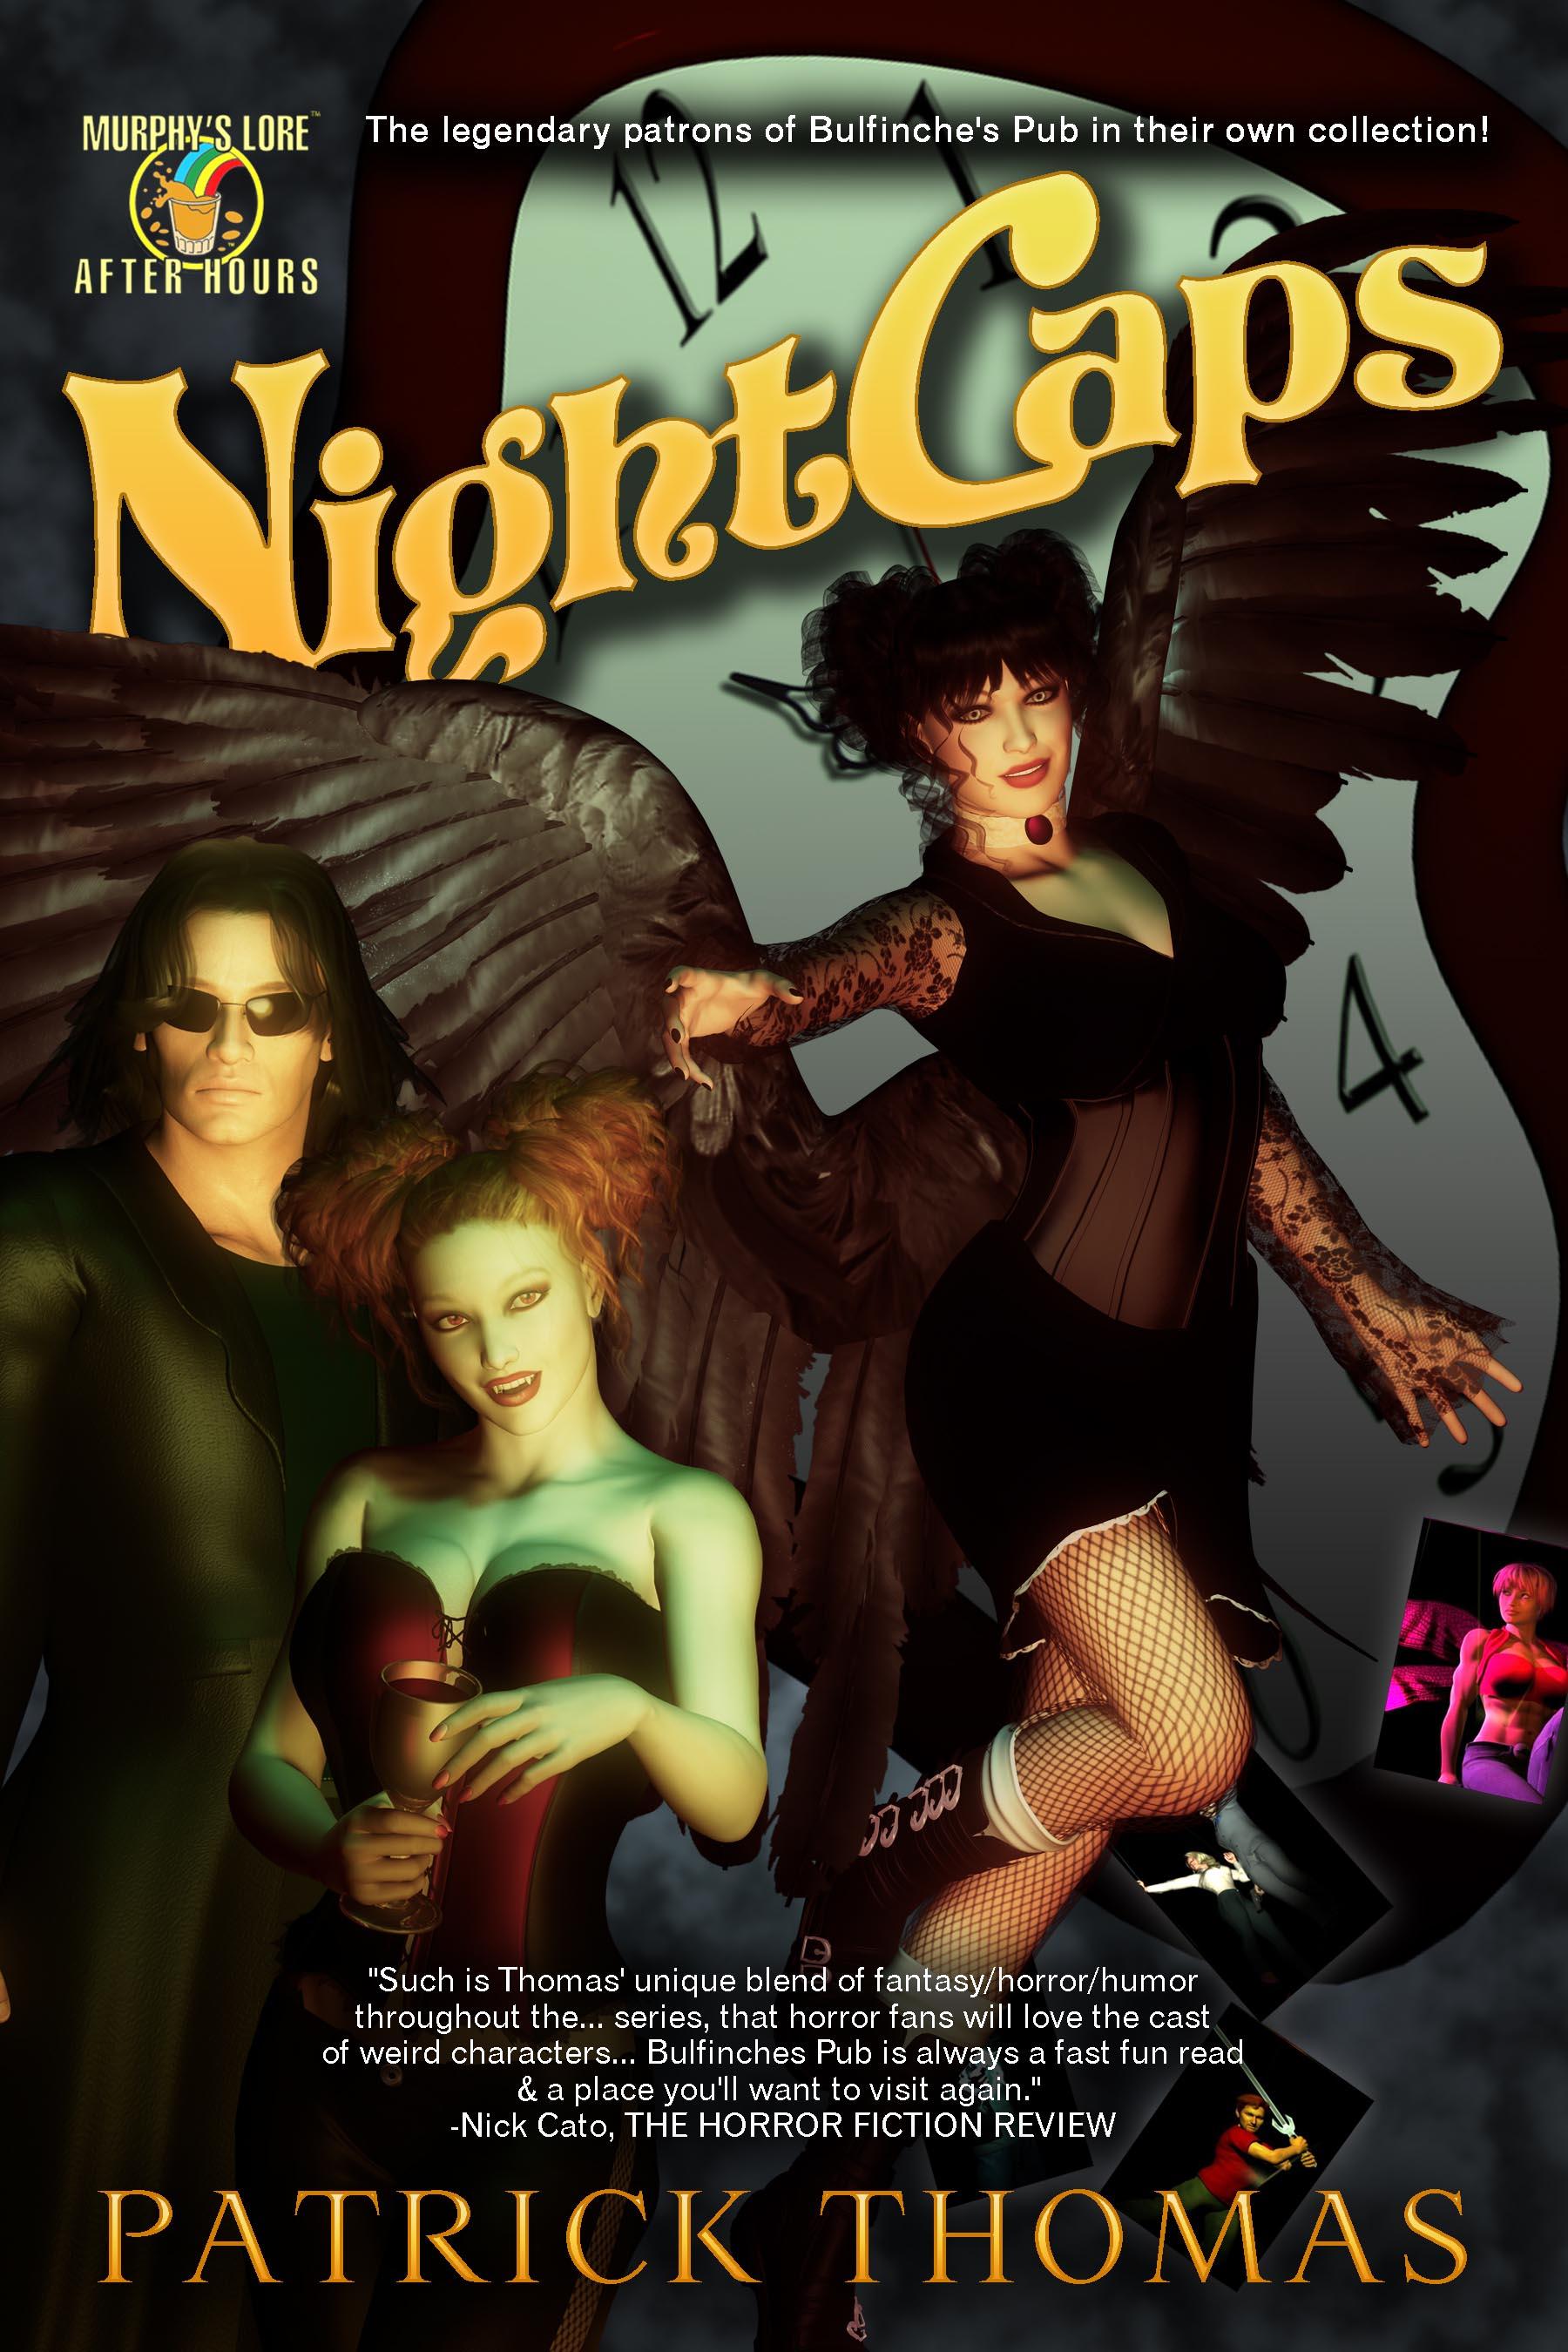 nightcaps web